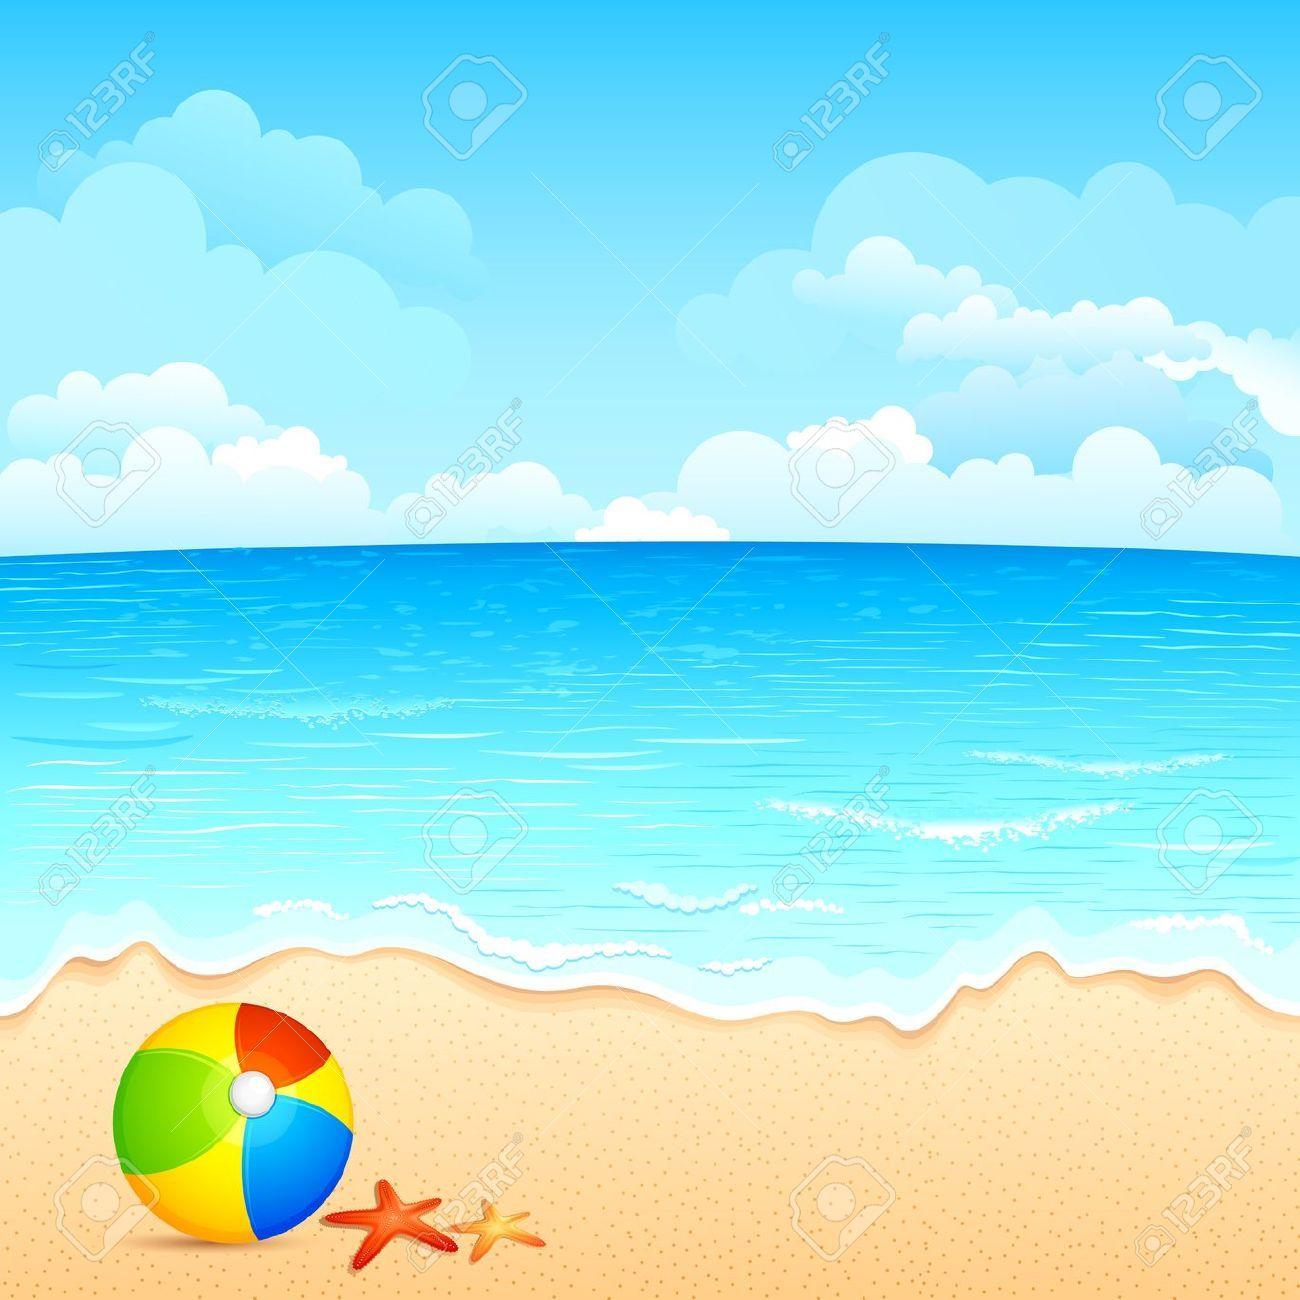 Ocean beach clipart 5 » Clipart Portal.